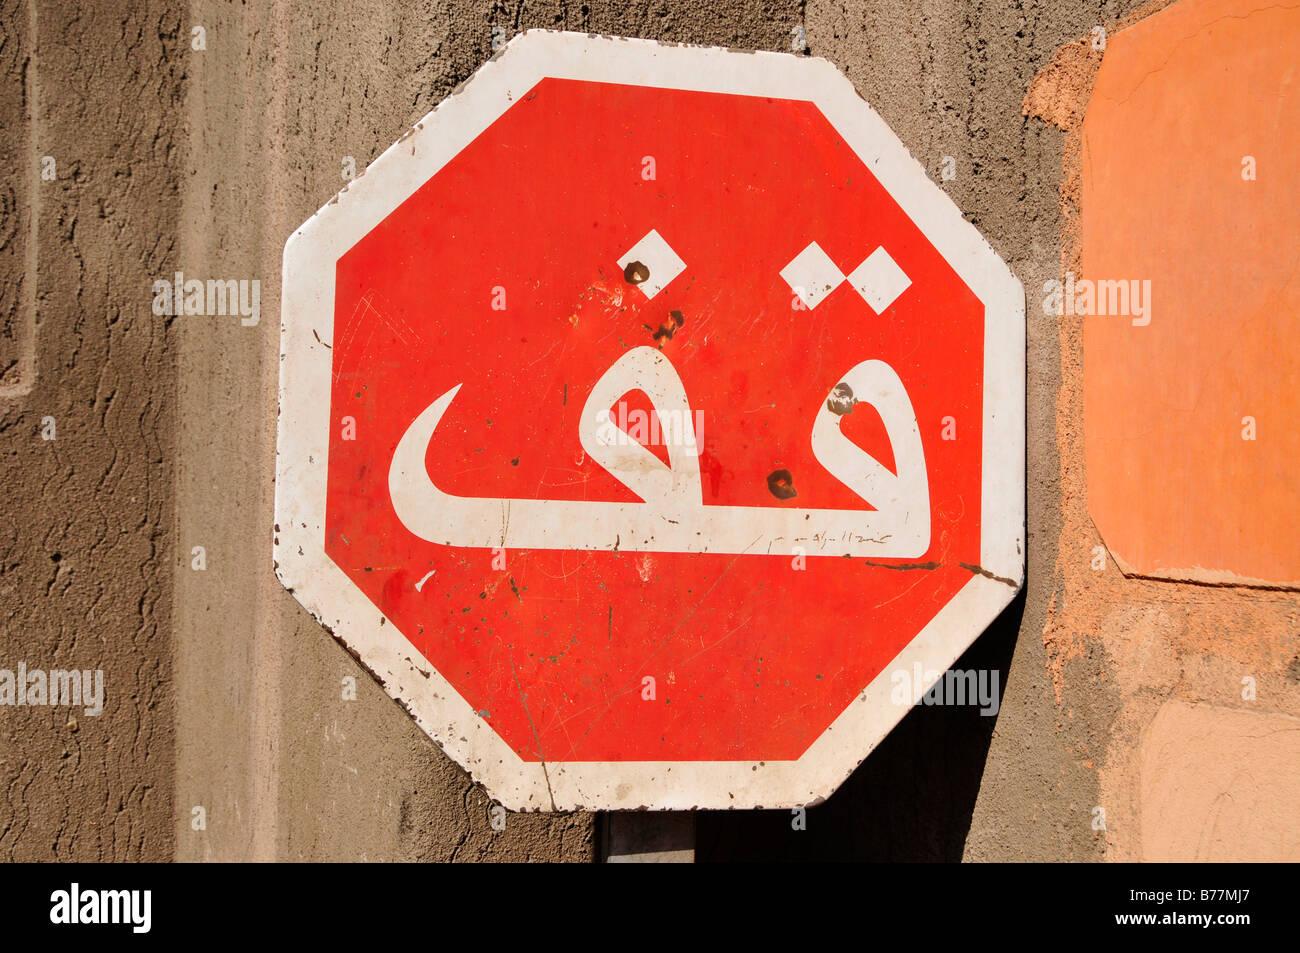 La señal de stop en árabe, Marrakech, Marruecos, África Imagen De Stock